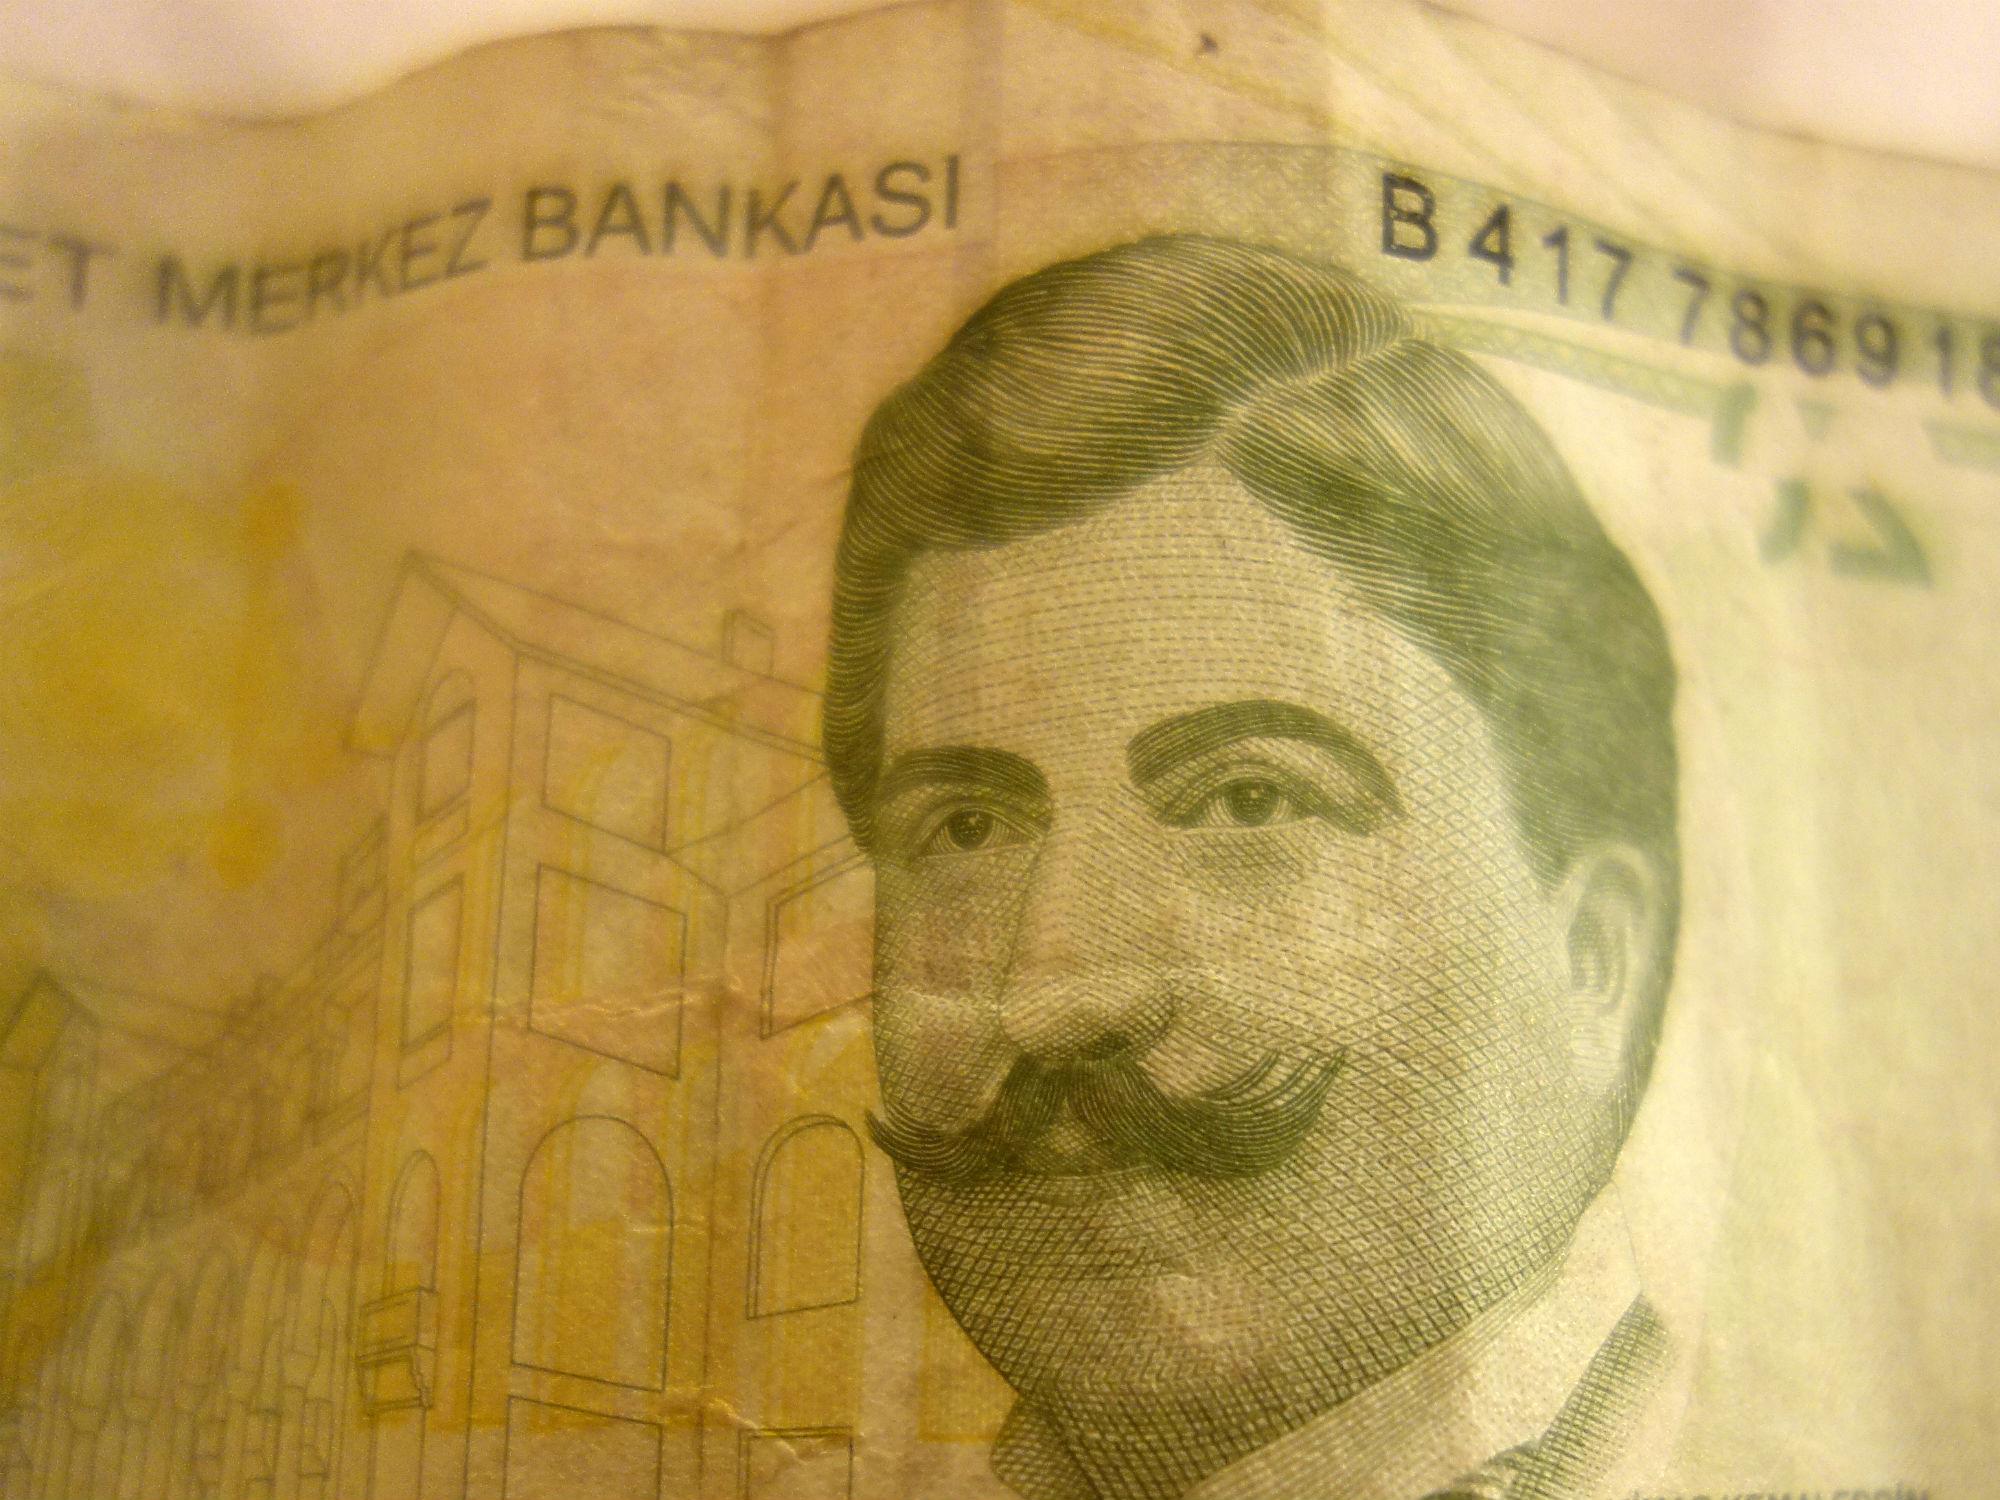 20 Türkische Lira (Banknote, Detail, 2009)